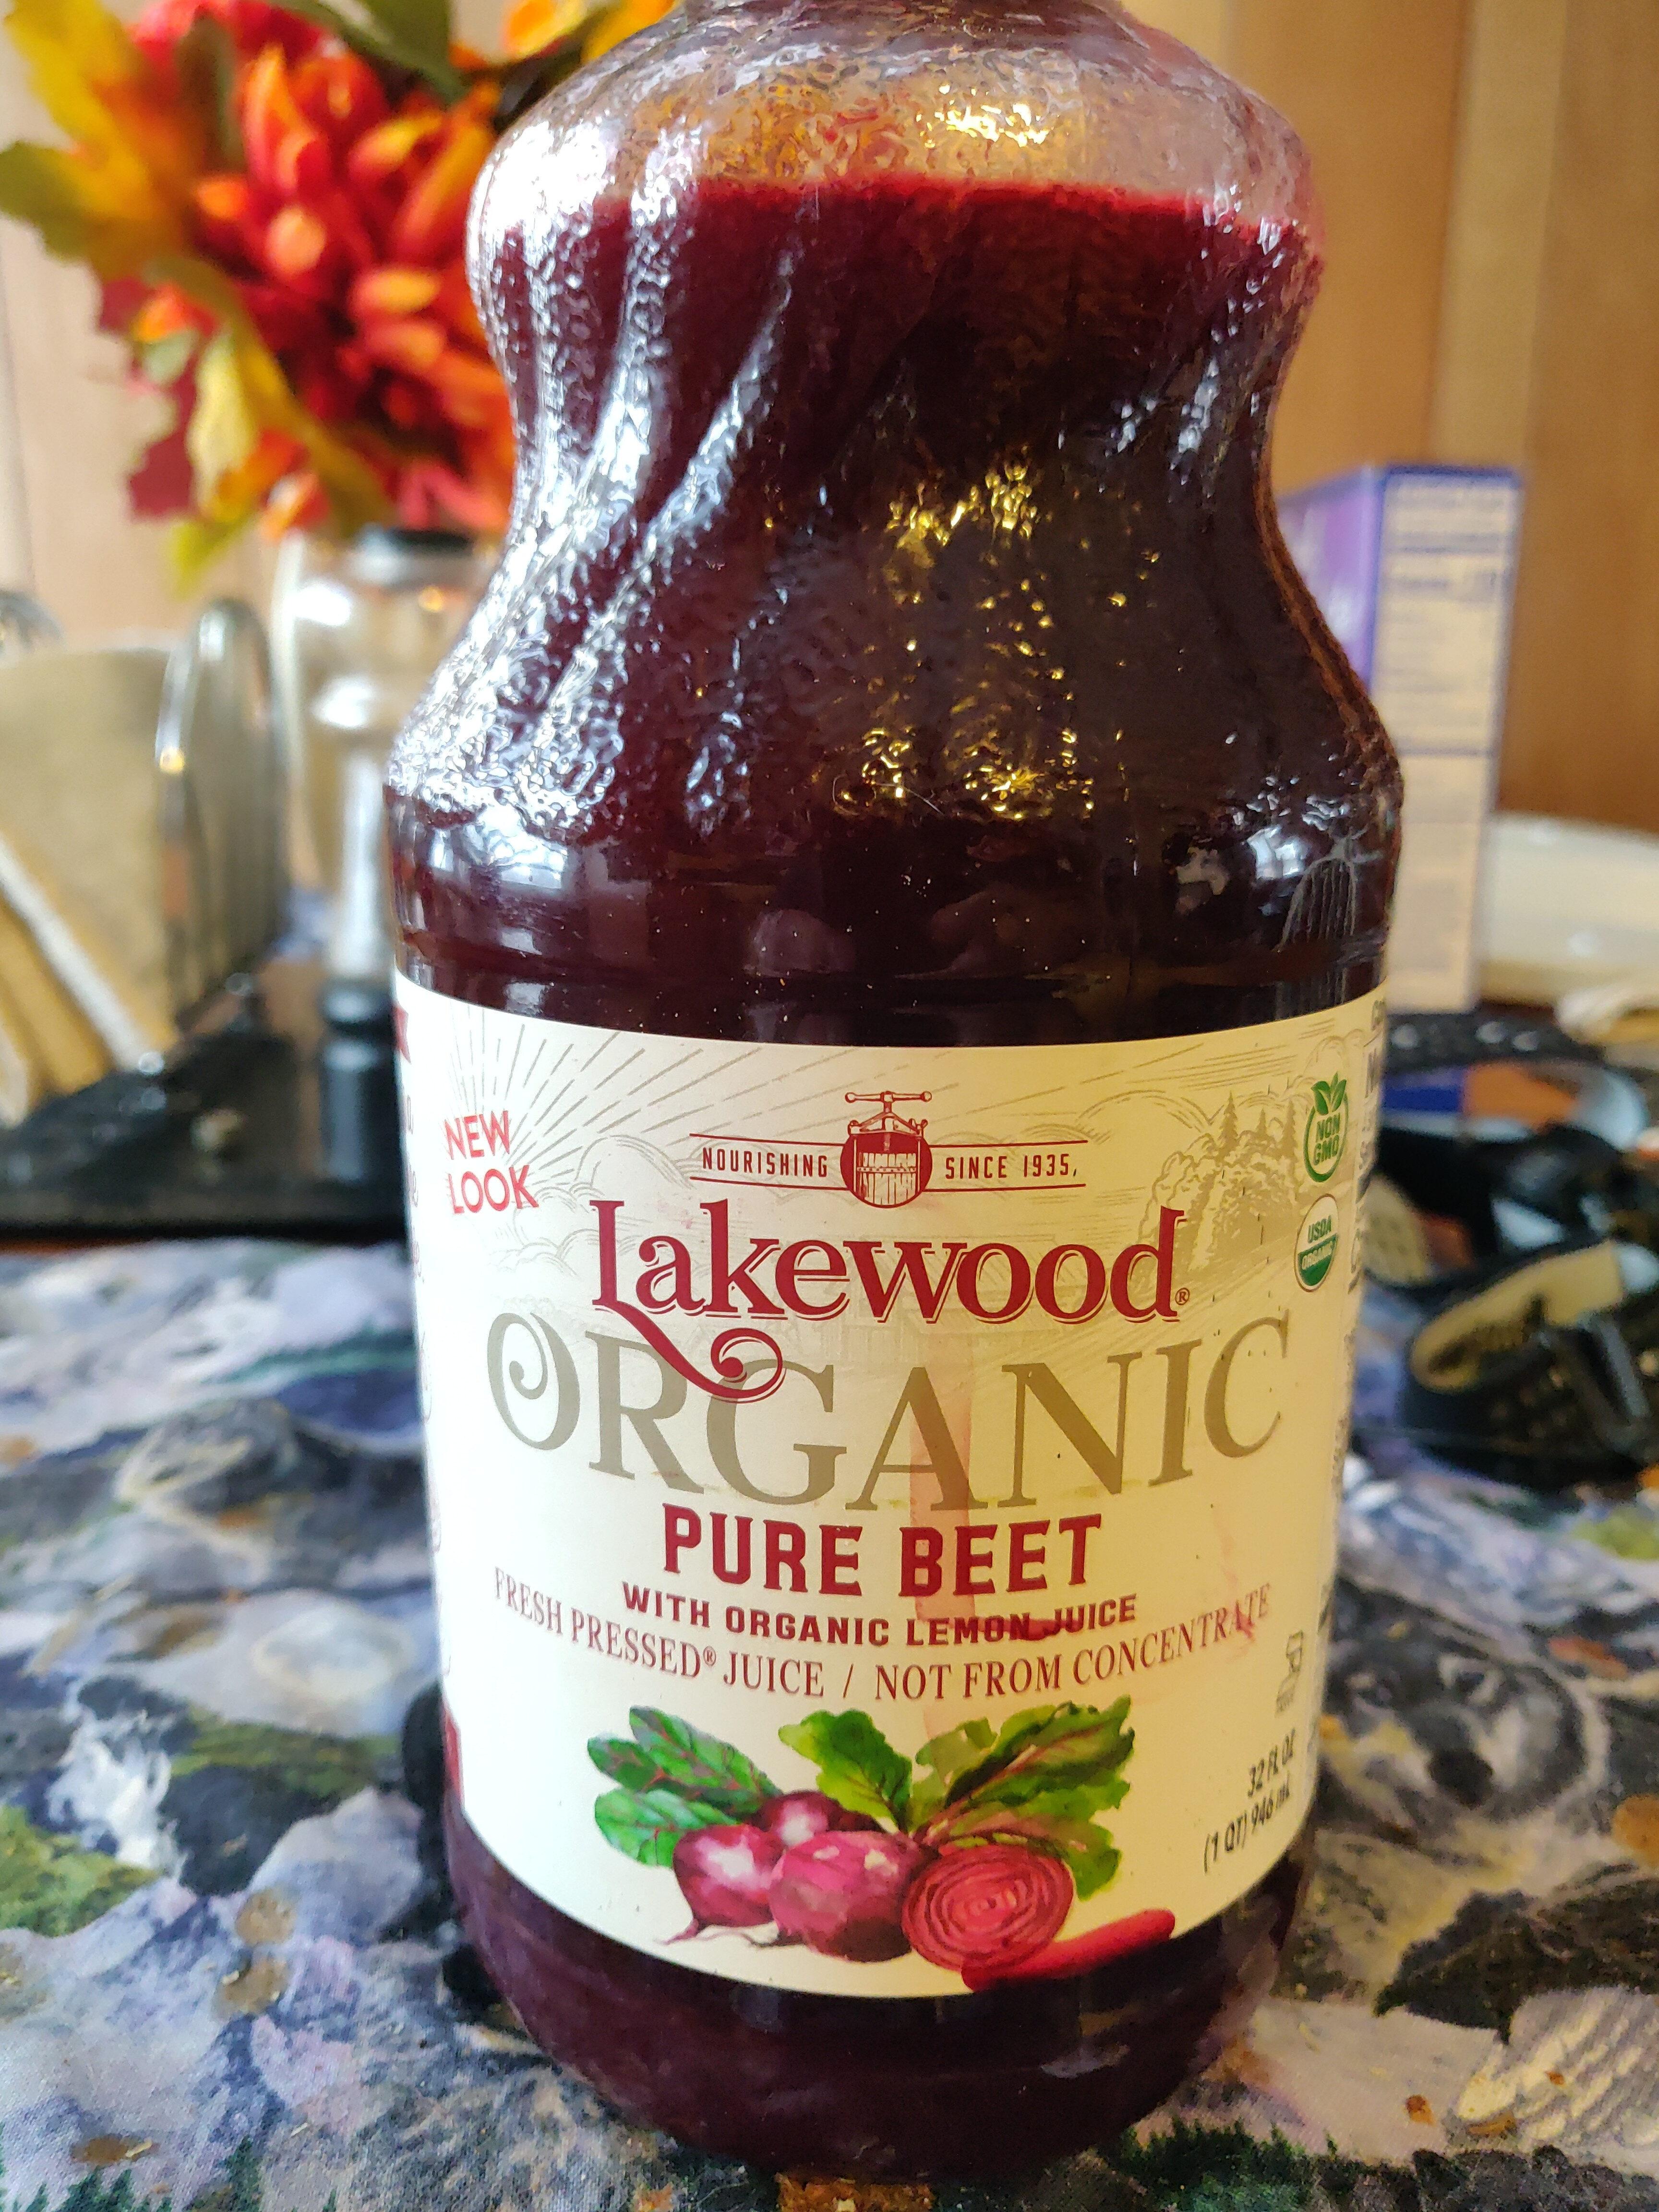 Pure beet with organic lemon juice fresh pressed juice - Product - en